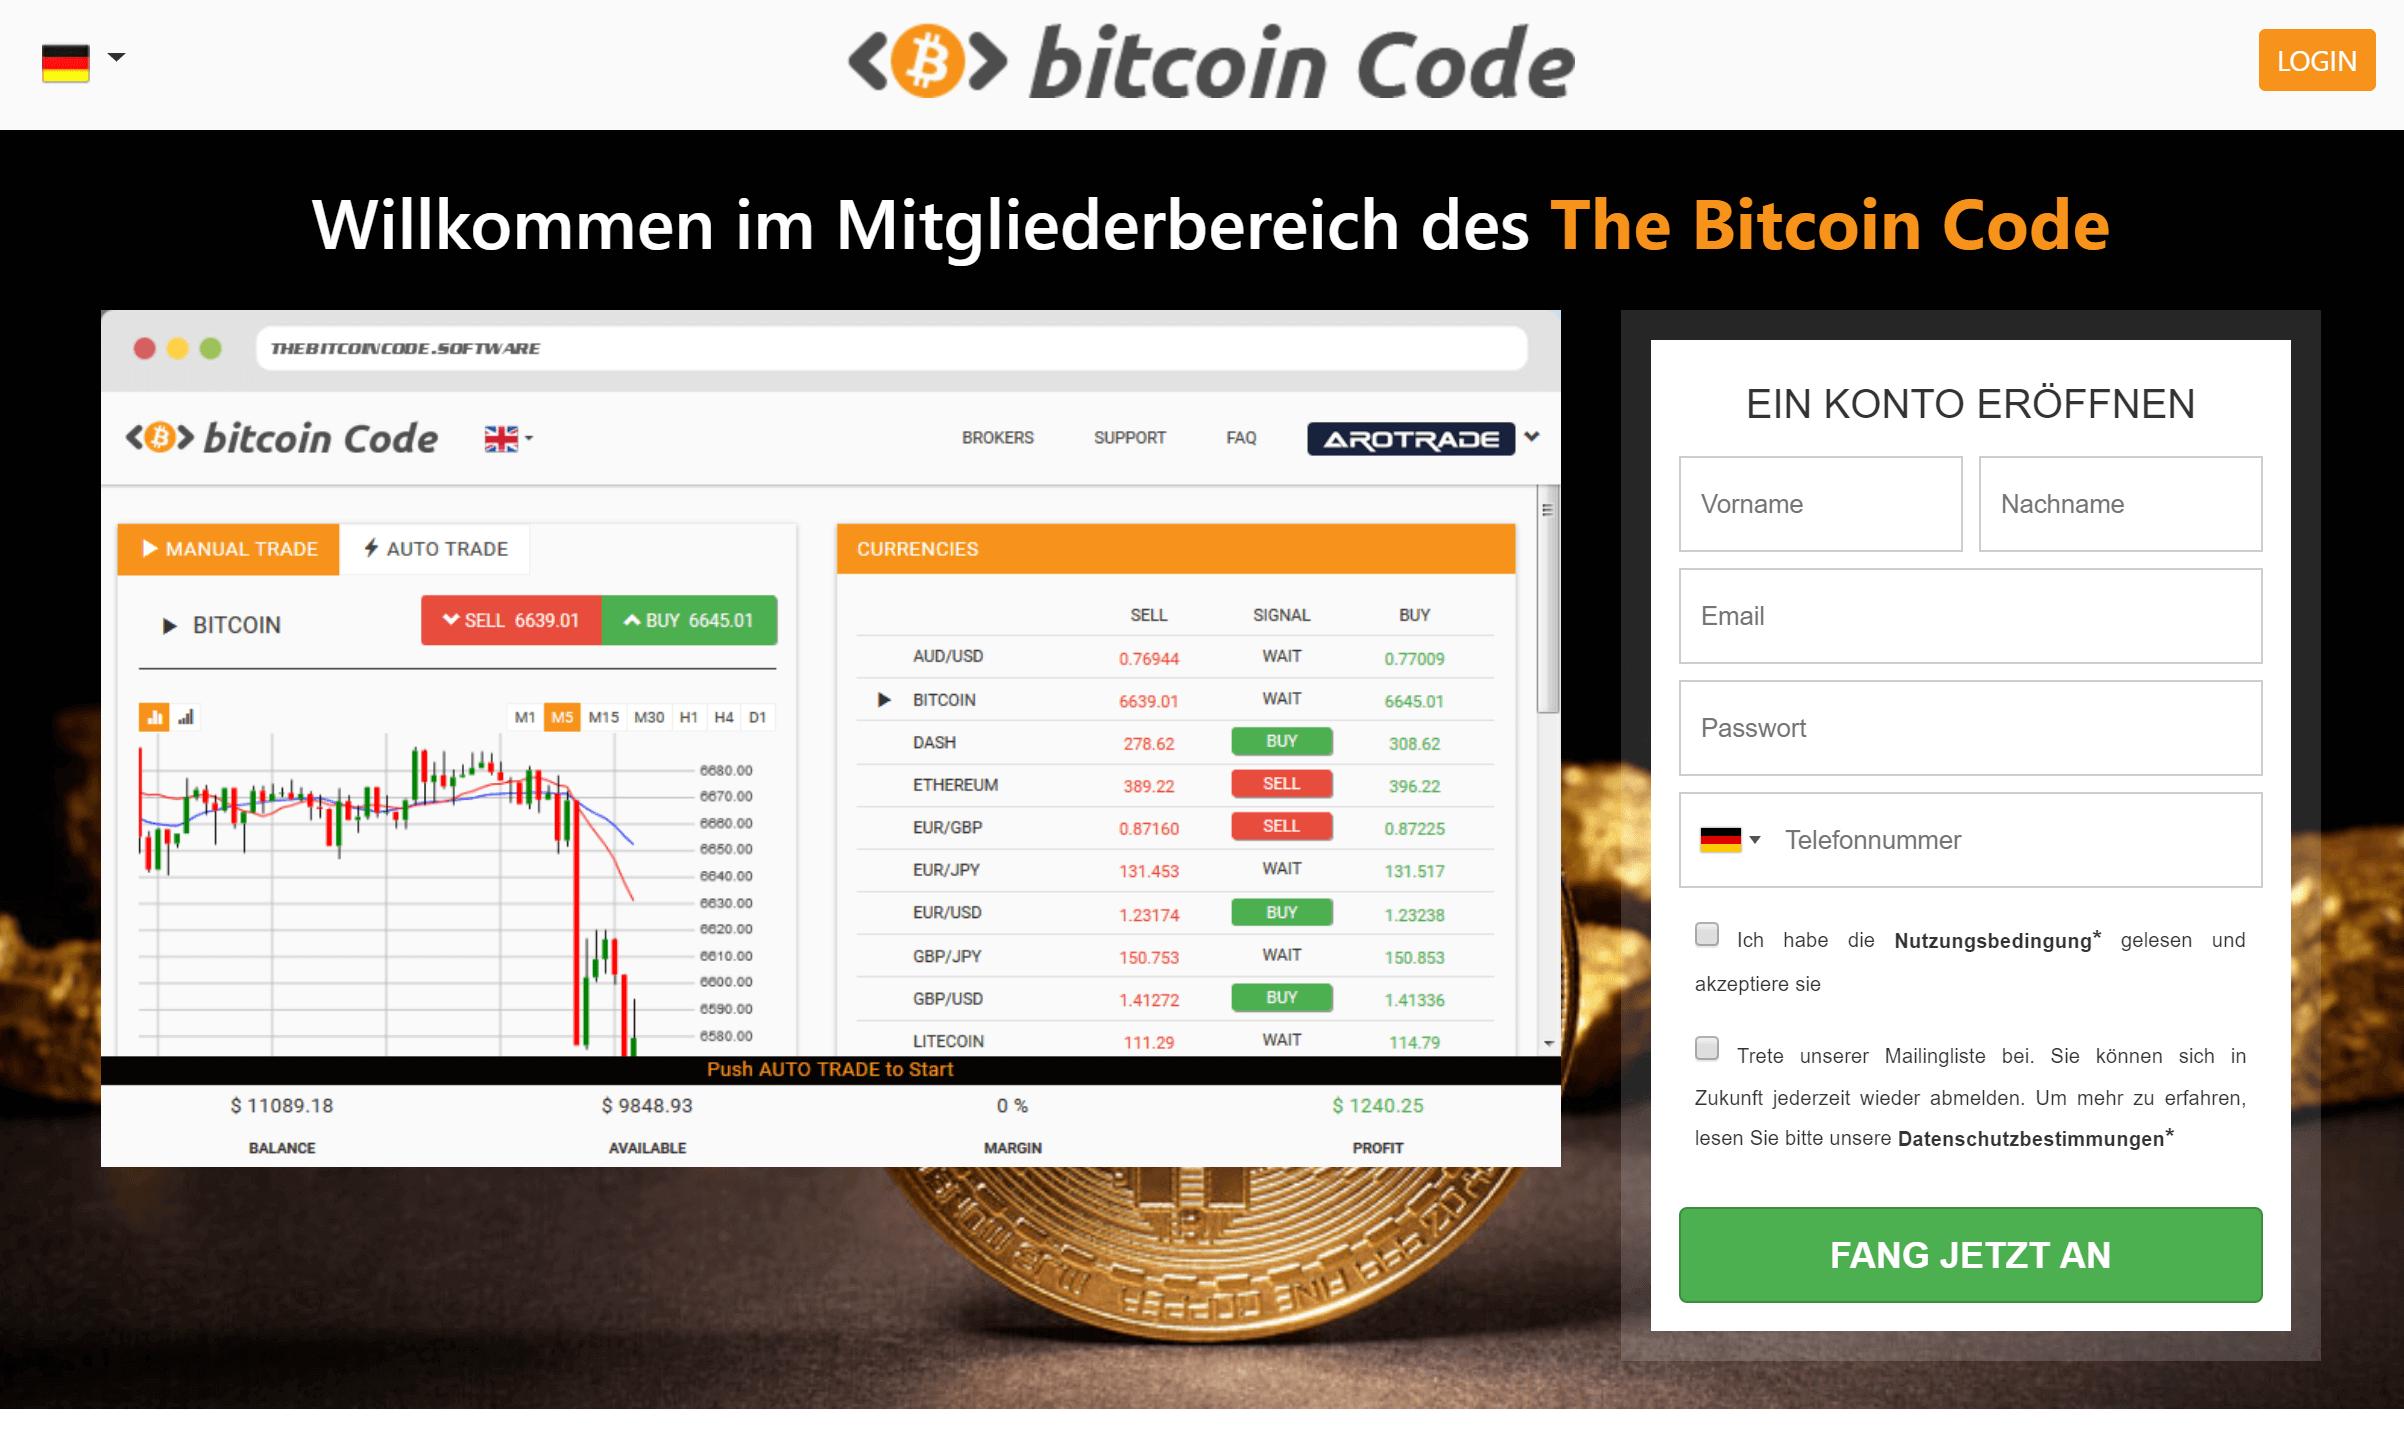 Crypto newsletter: Bitcoin cade sub 7000, momentul de creștere se disipă